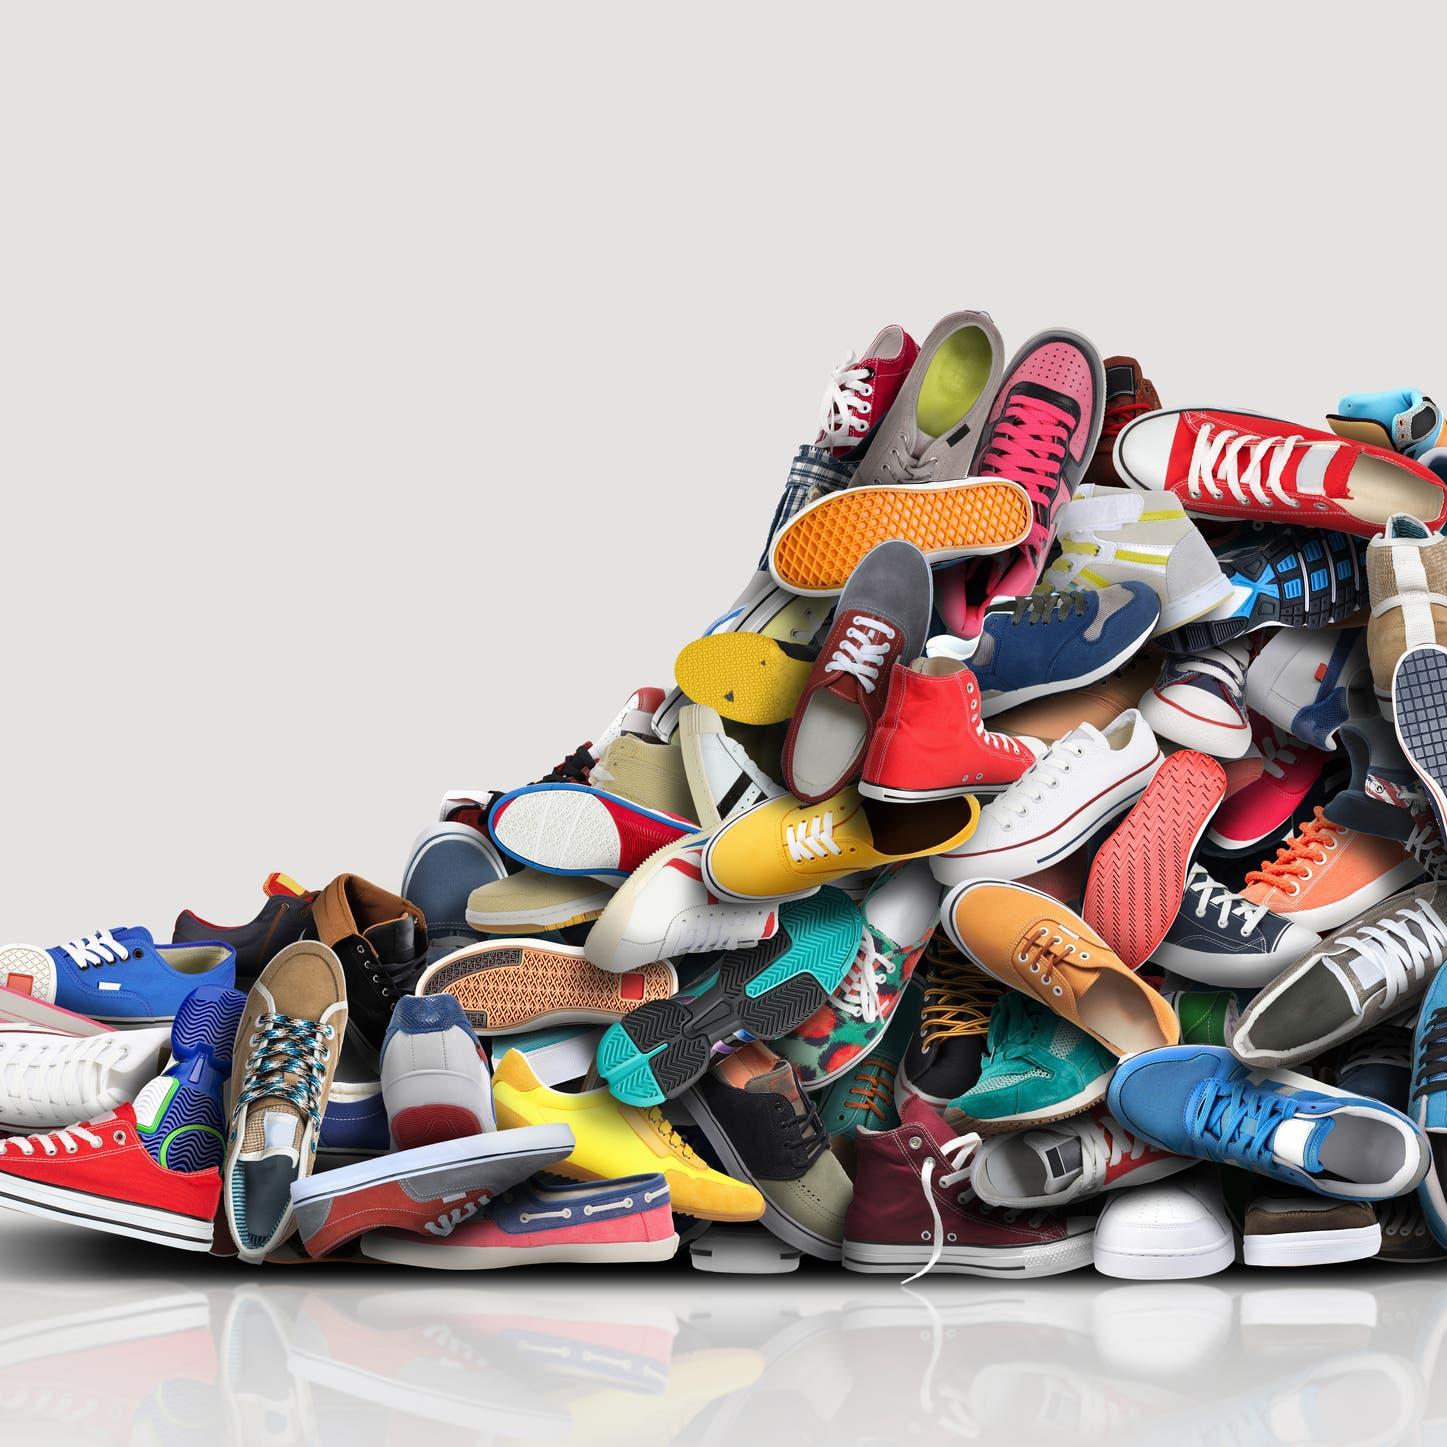 مافيا تصنِّع أحذية من مواد سامة وتبيعها في إيطاليا